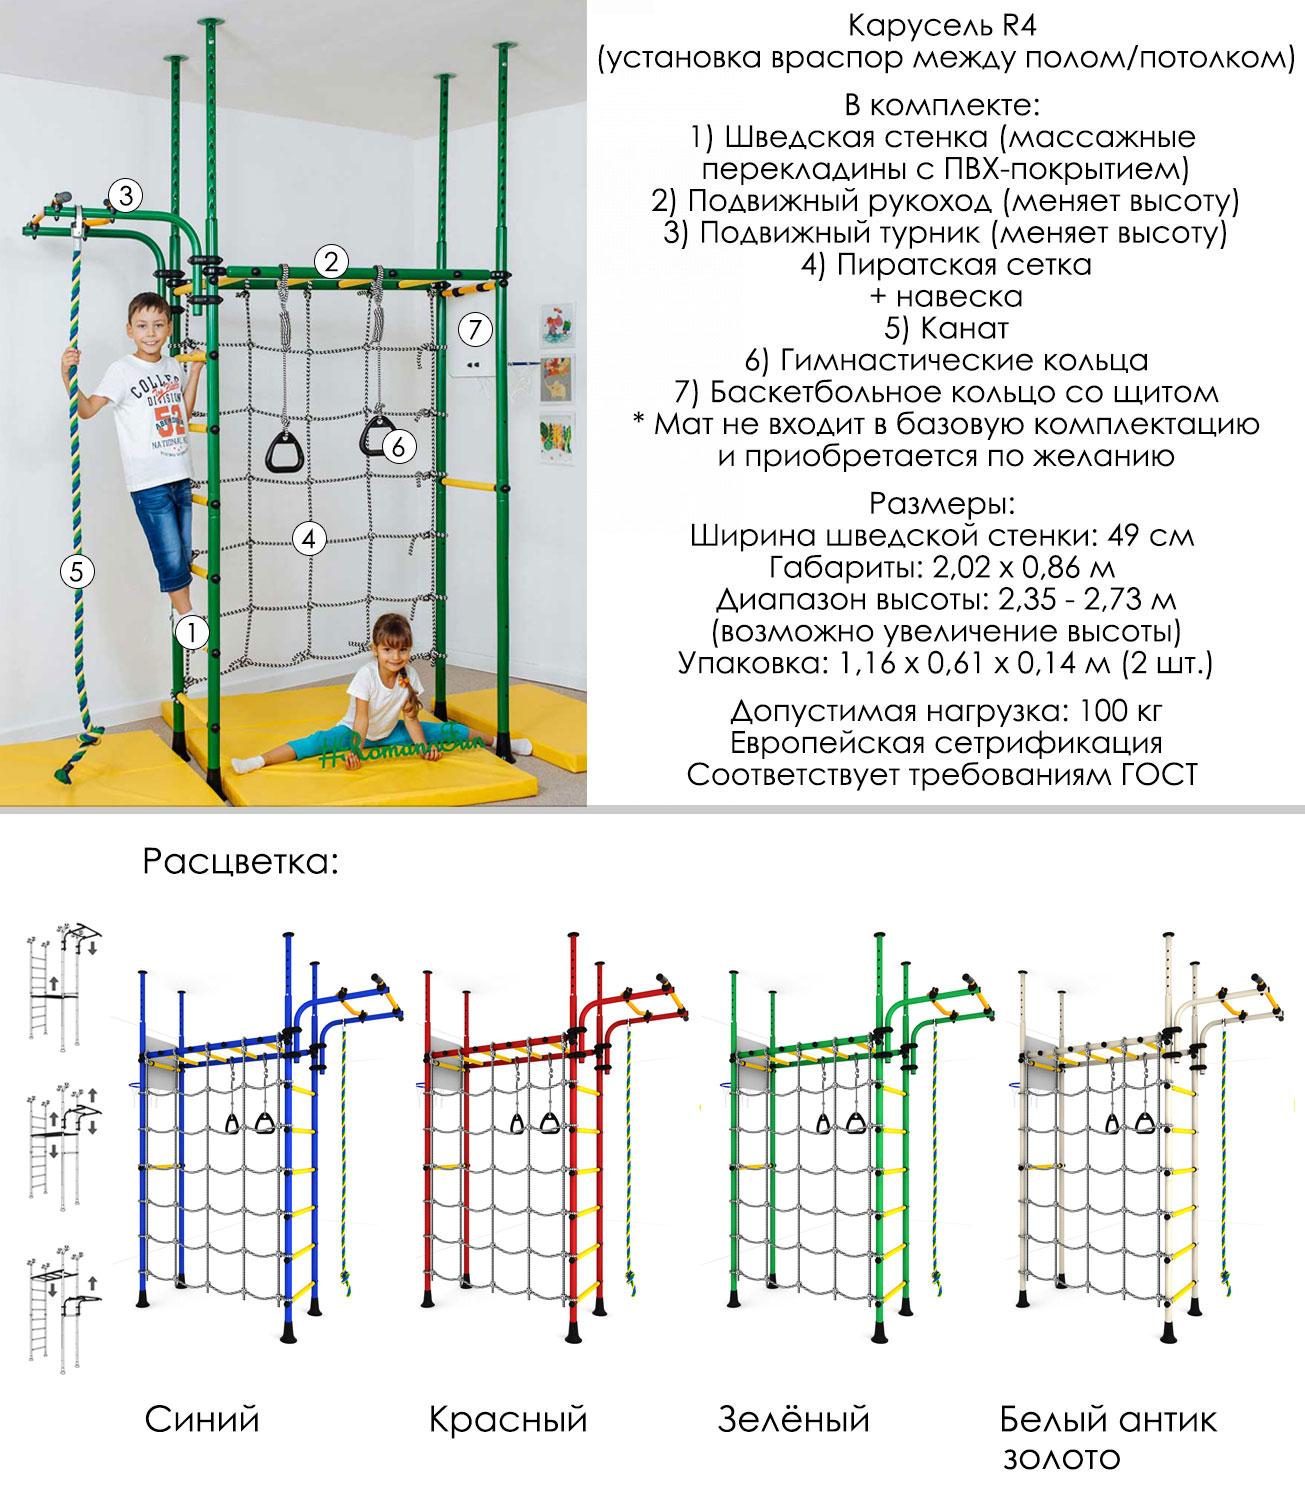 Спортивный комплекс для ребенка в квартиру Романа Карусель R4 с передвижным турником и рукоходом, меняющим высоту